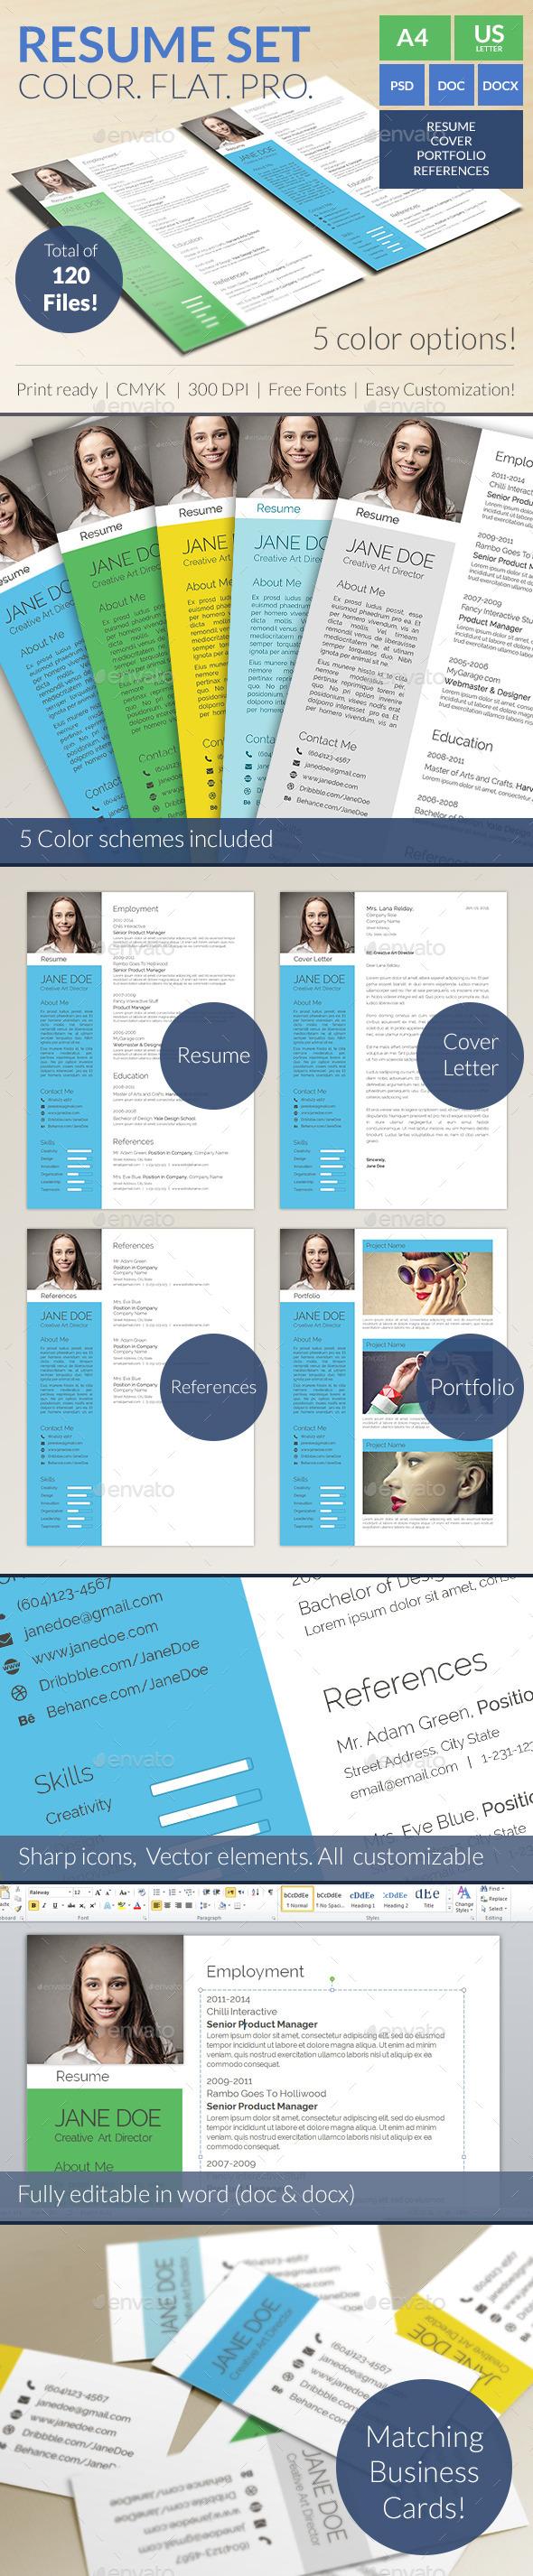 Colorful Flat Resume Set - Resumes Stationery